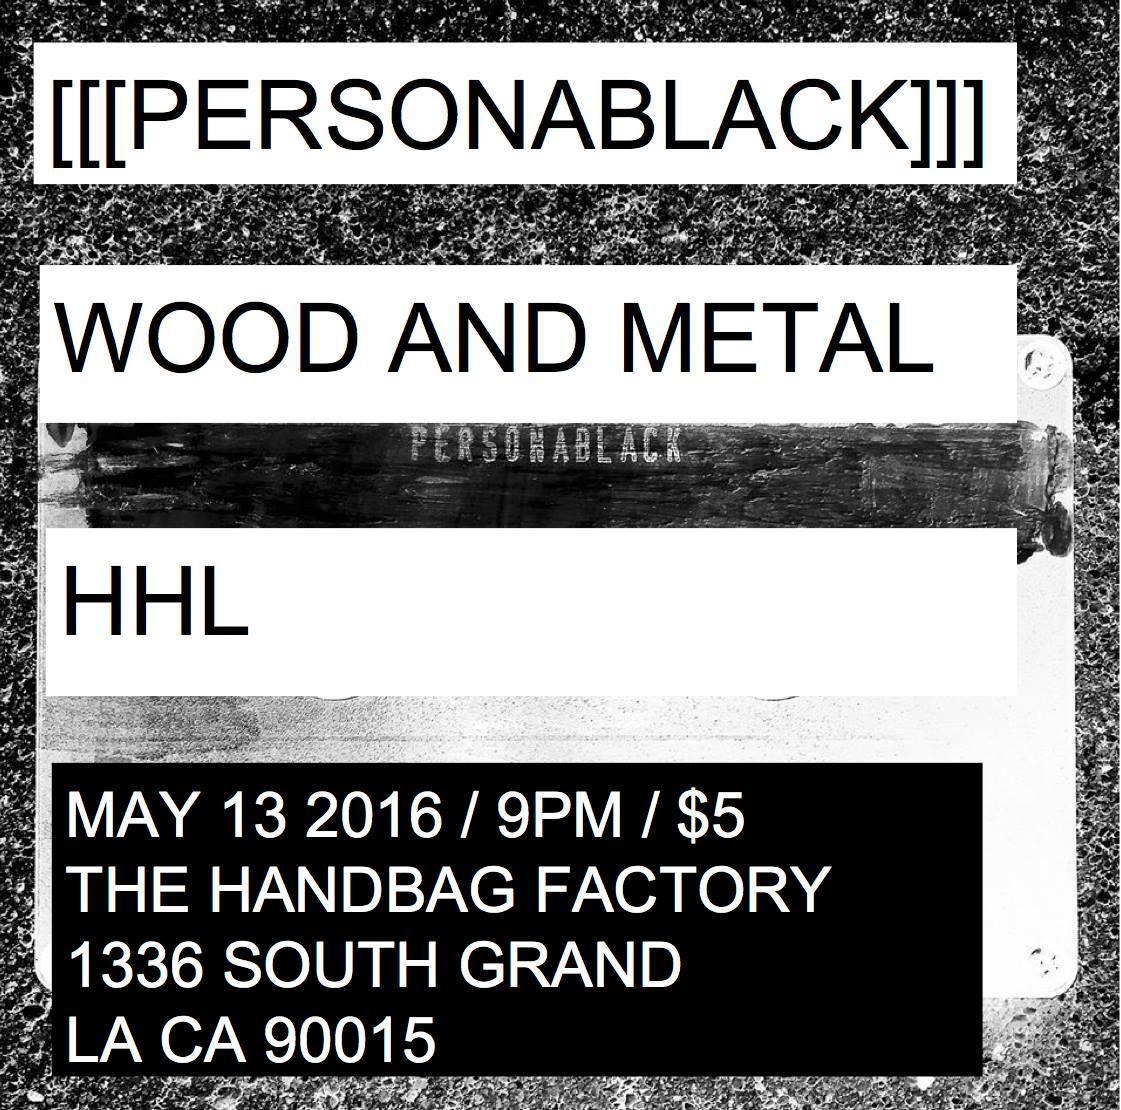 Thursday May 12 2017